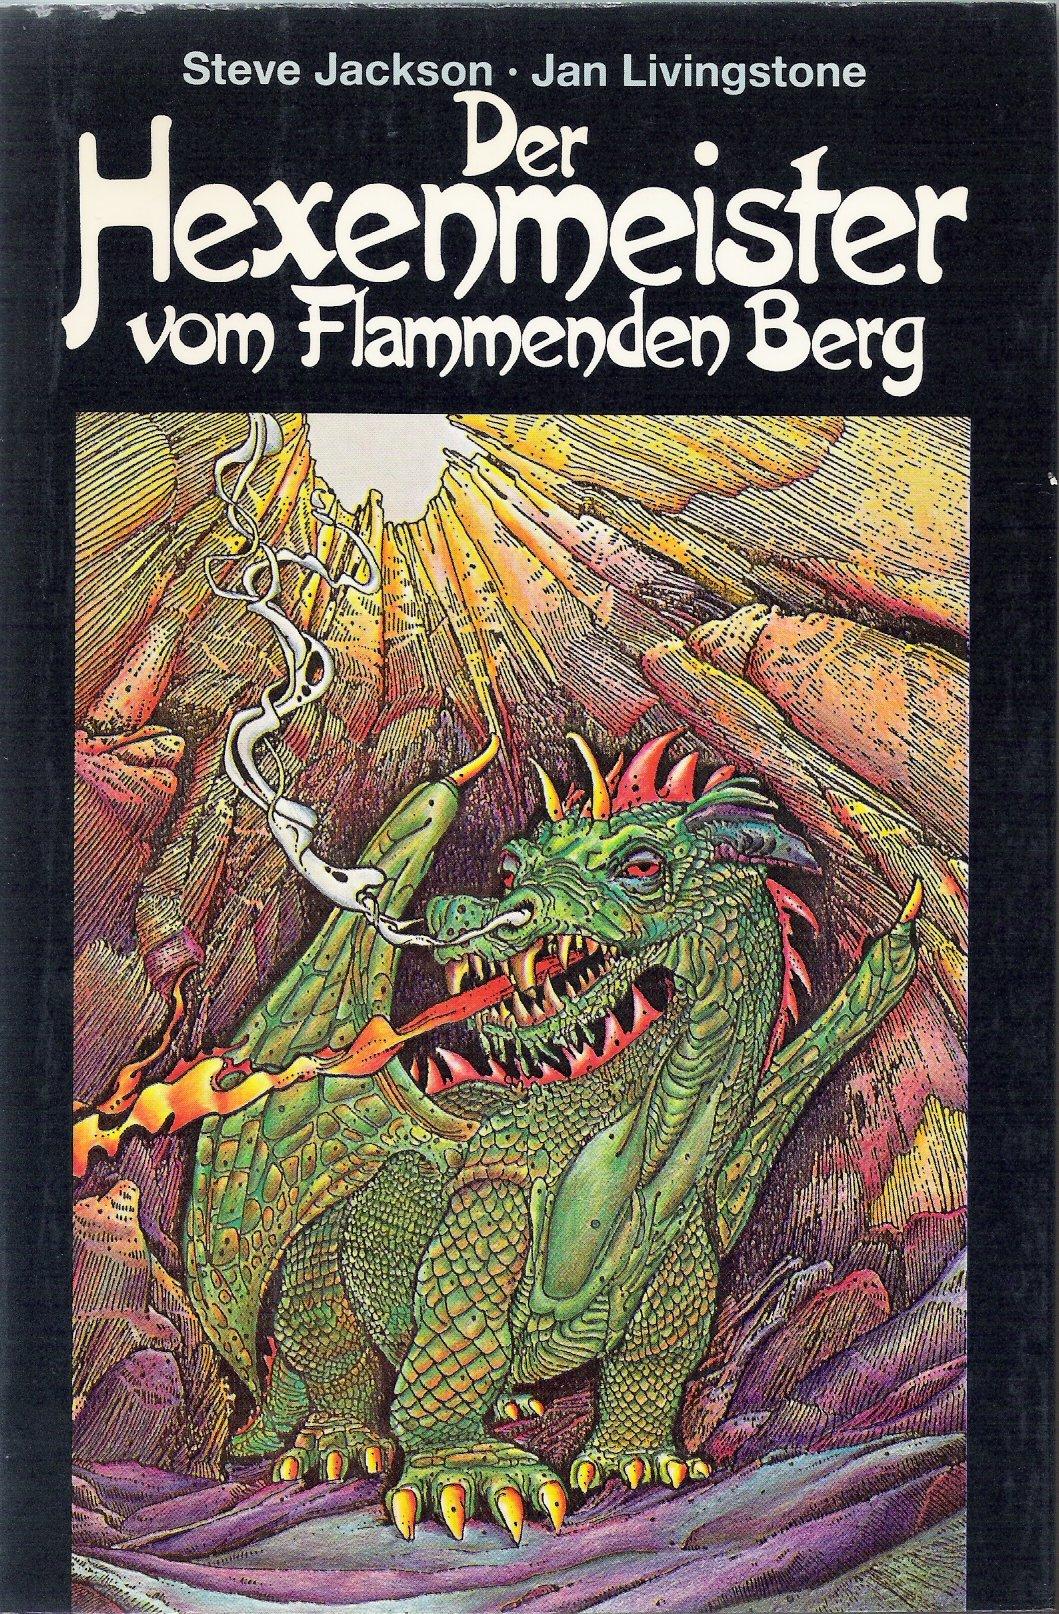 Der Hexenmeister Vom Flammenden Berg